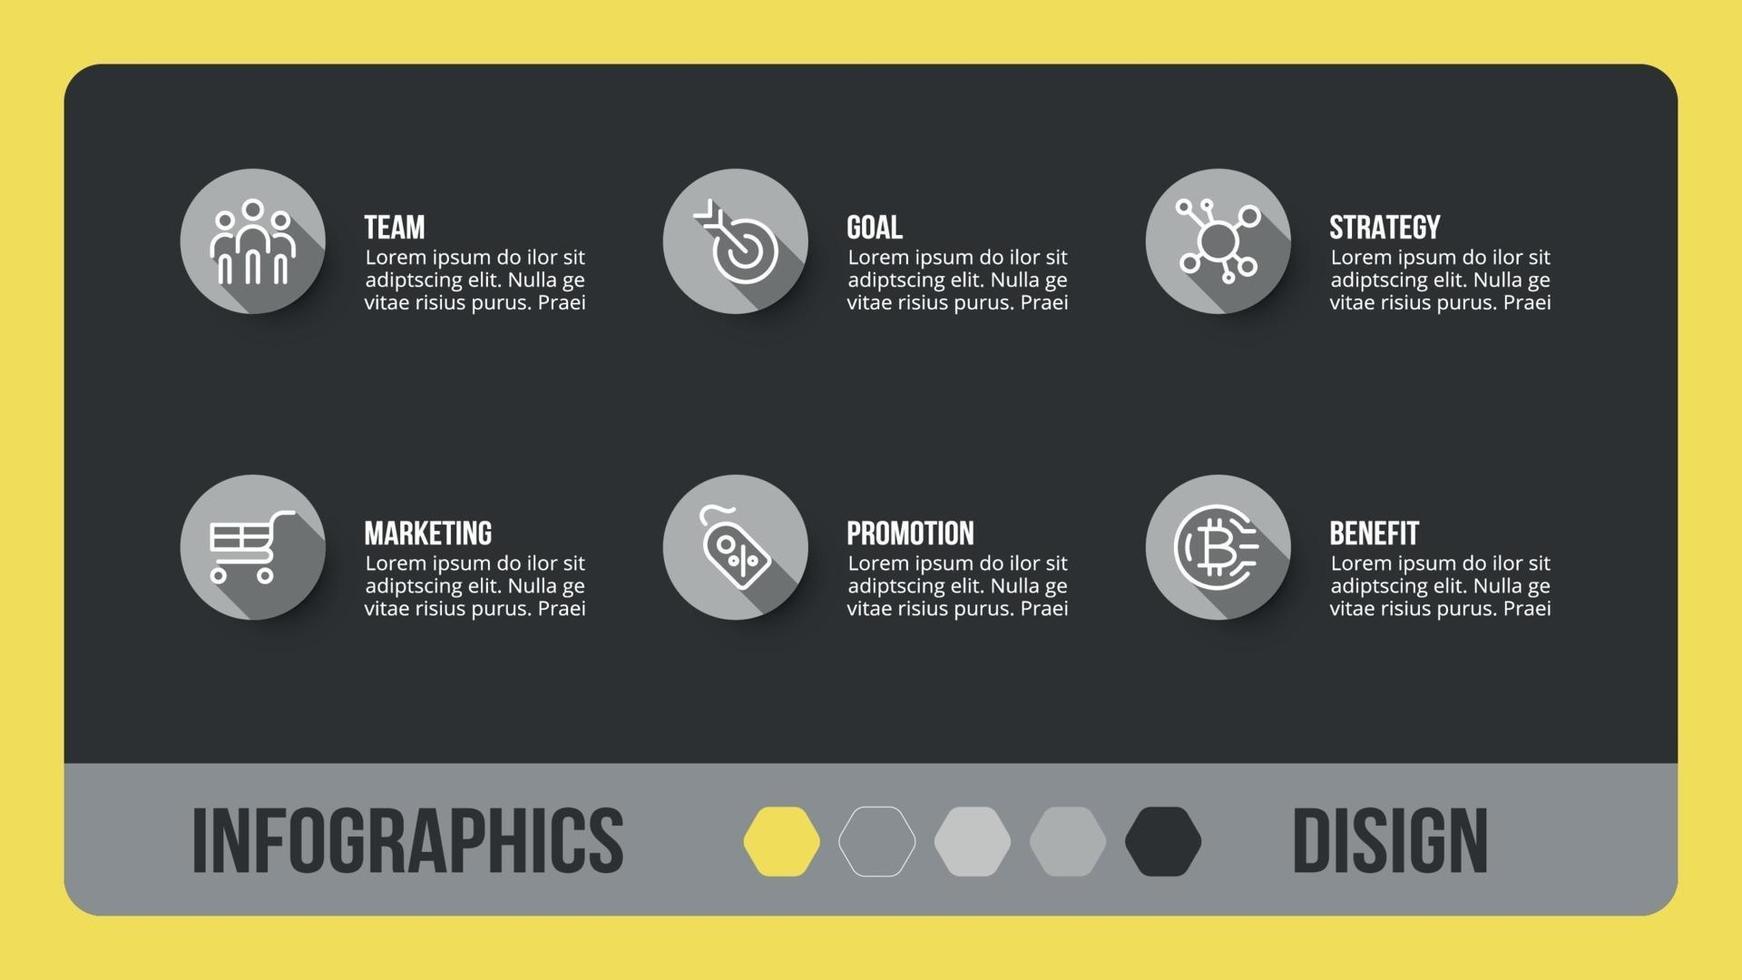 diseño en caja cuadrada. se puede utilizar para una presentación general de negocios o educativa. vector